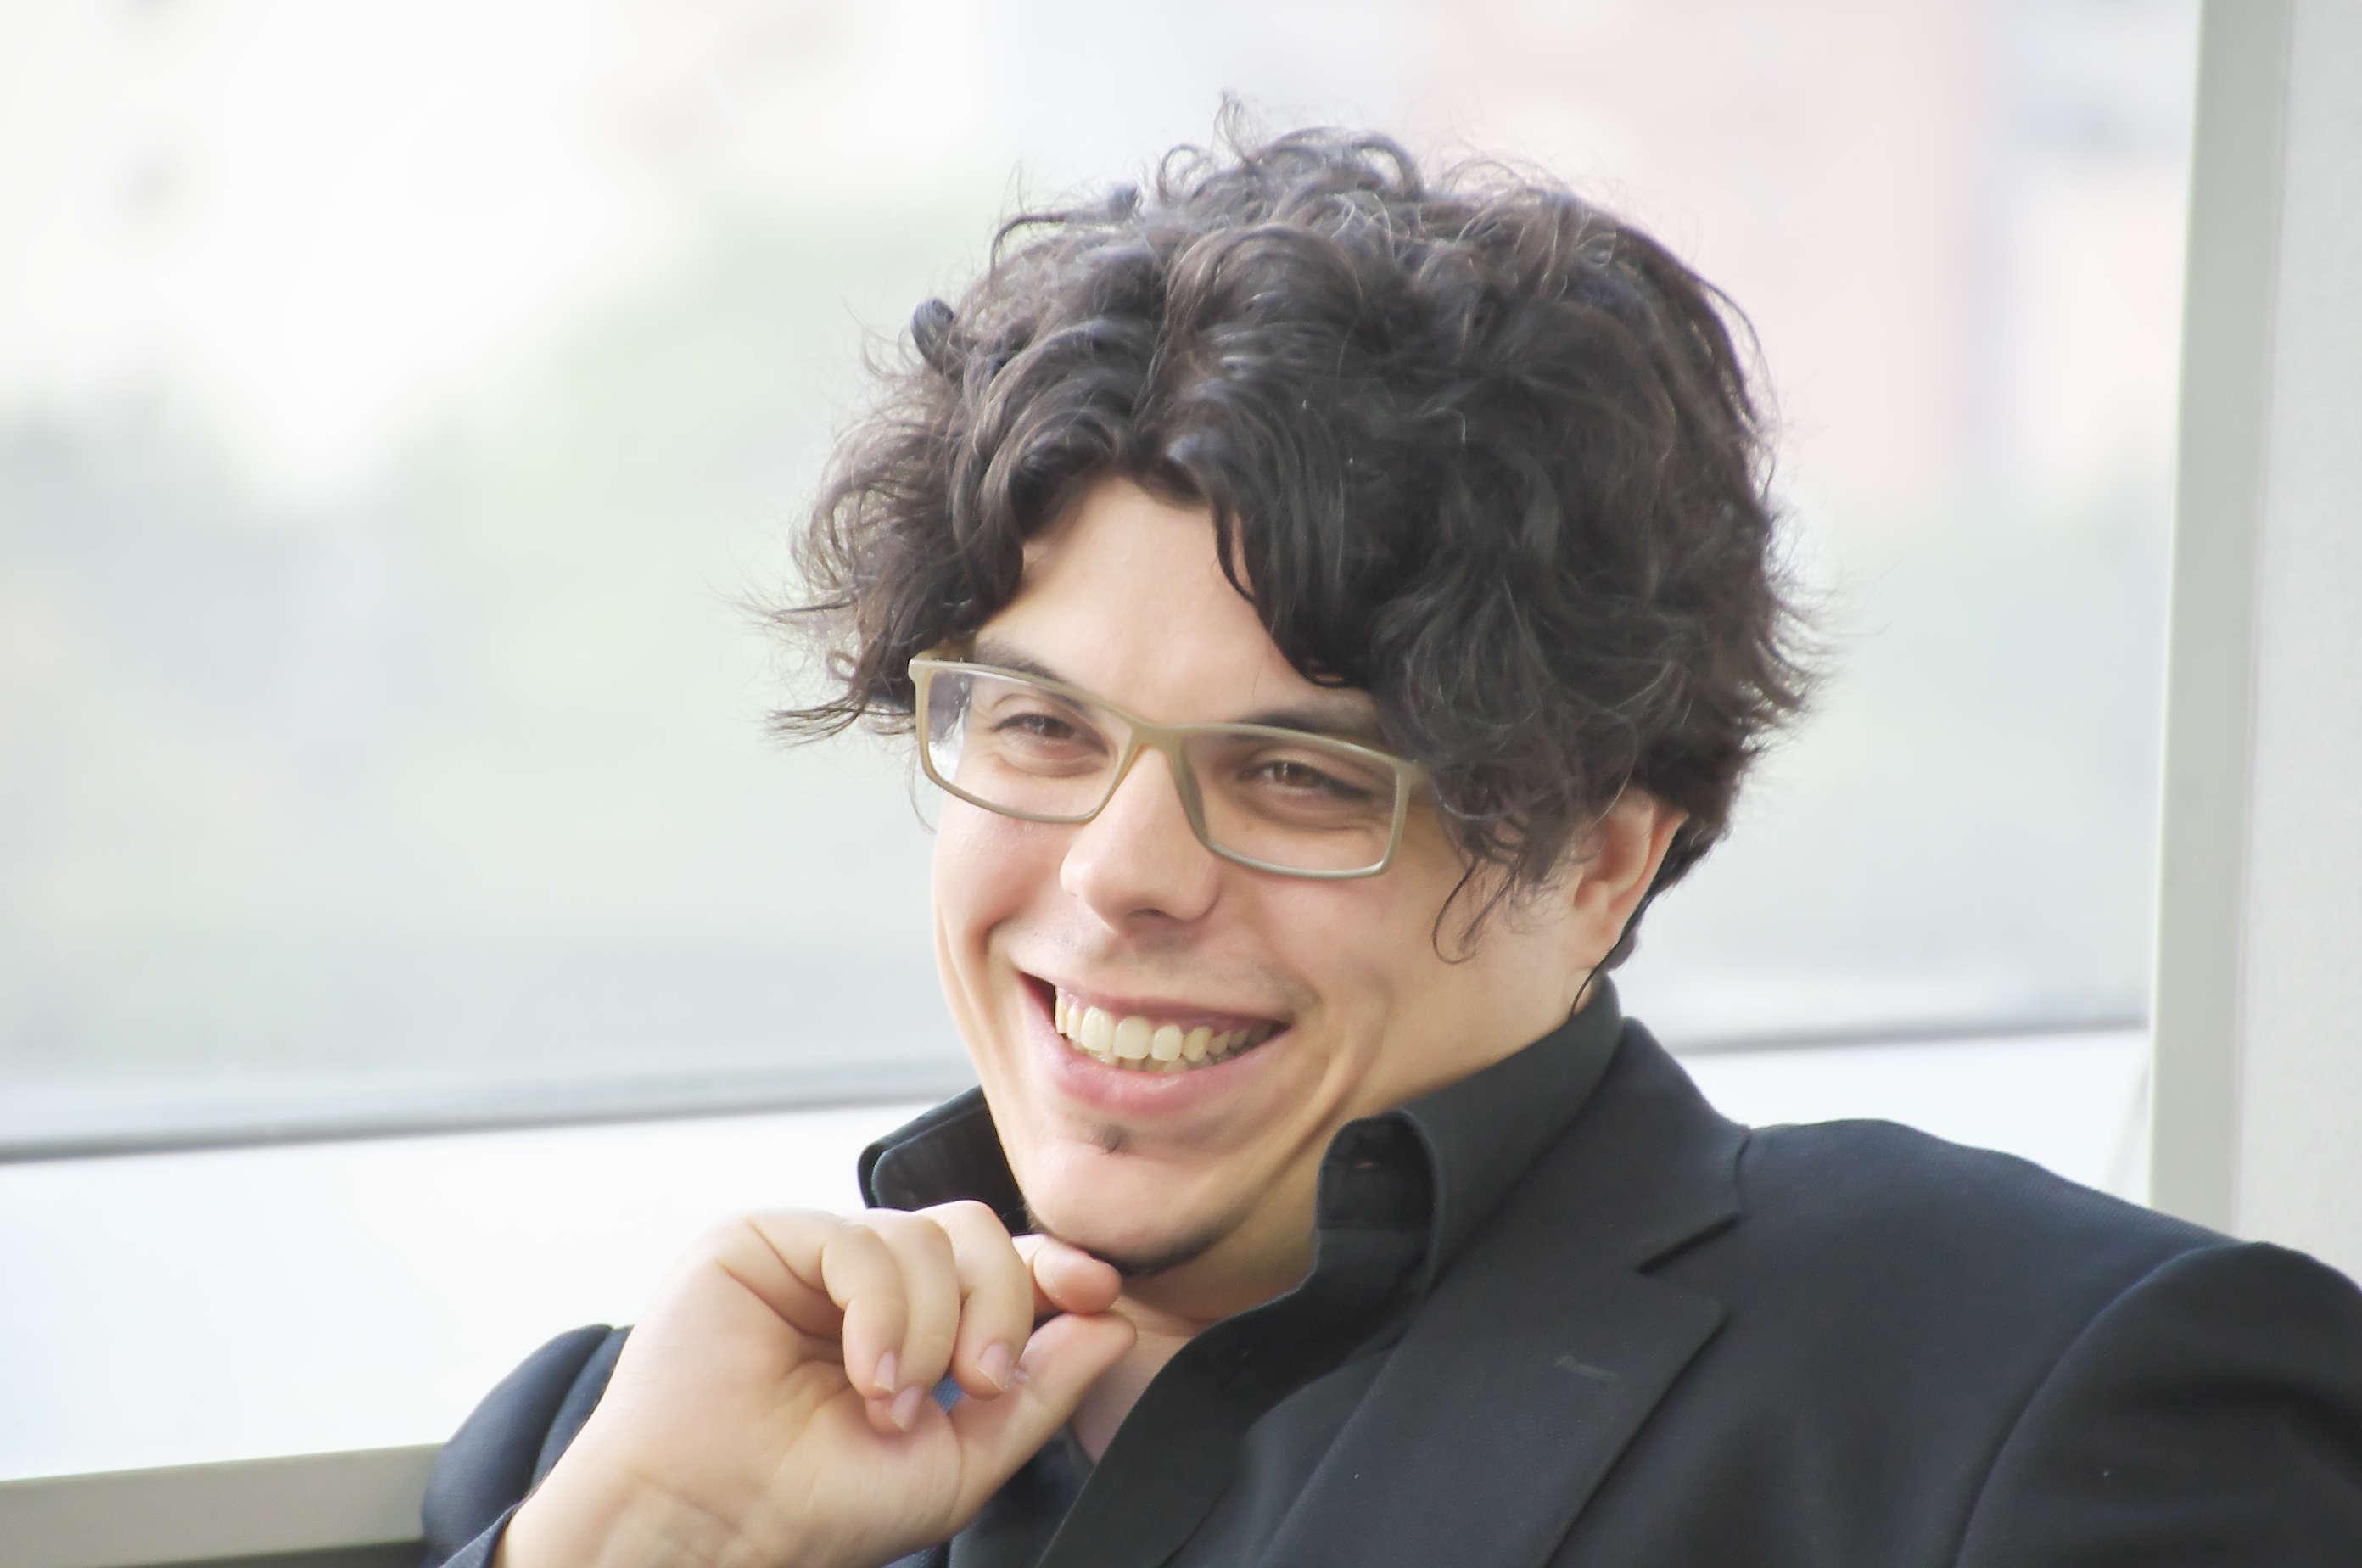 東京フィルハーモニー交響楽団の首席指揮者に就任する直前の若きマエストロに話を聞いた